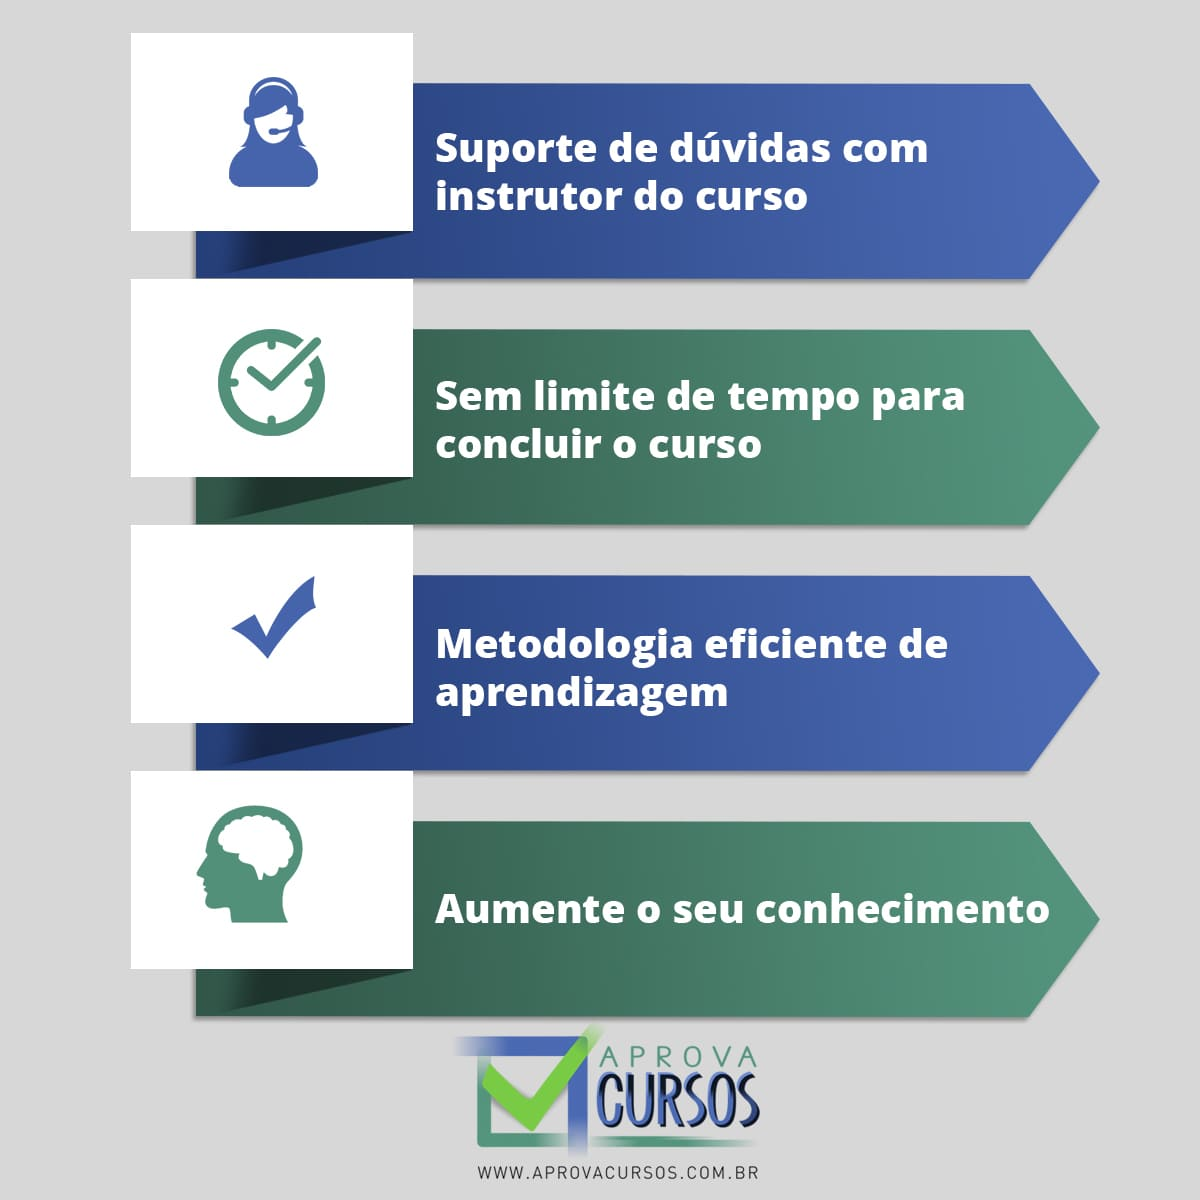 Curso Online de Word 2010 com Certificado  - Aprova Cursos